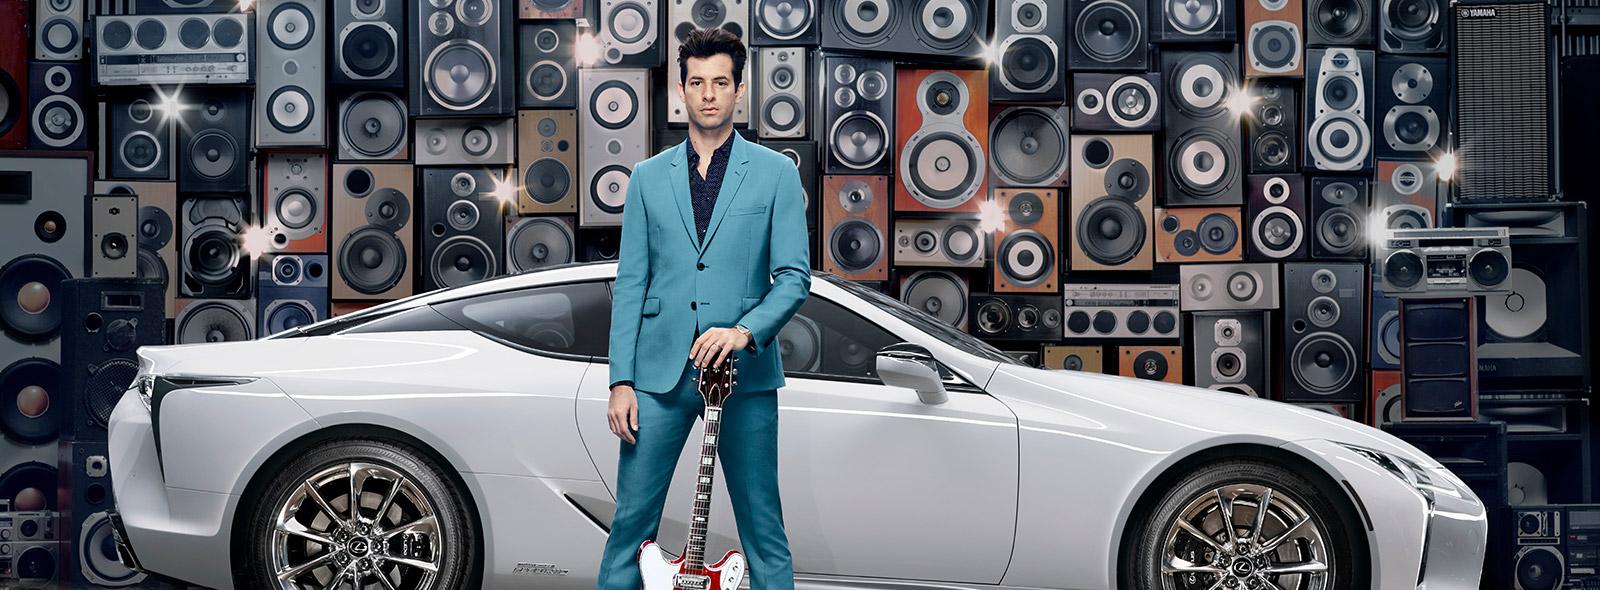 Muziekproducent Mark Ronson staand met een wit rode gitaar voor een witte Lexus LC bekeken vanaf de zijkant in het kader van de campagne Make Your Mark